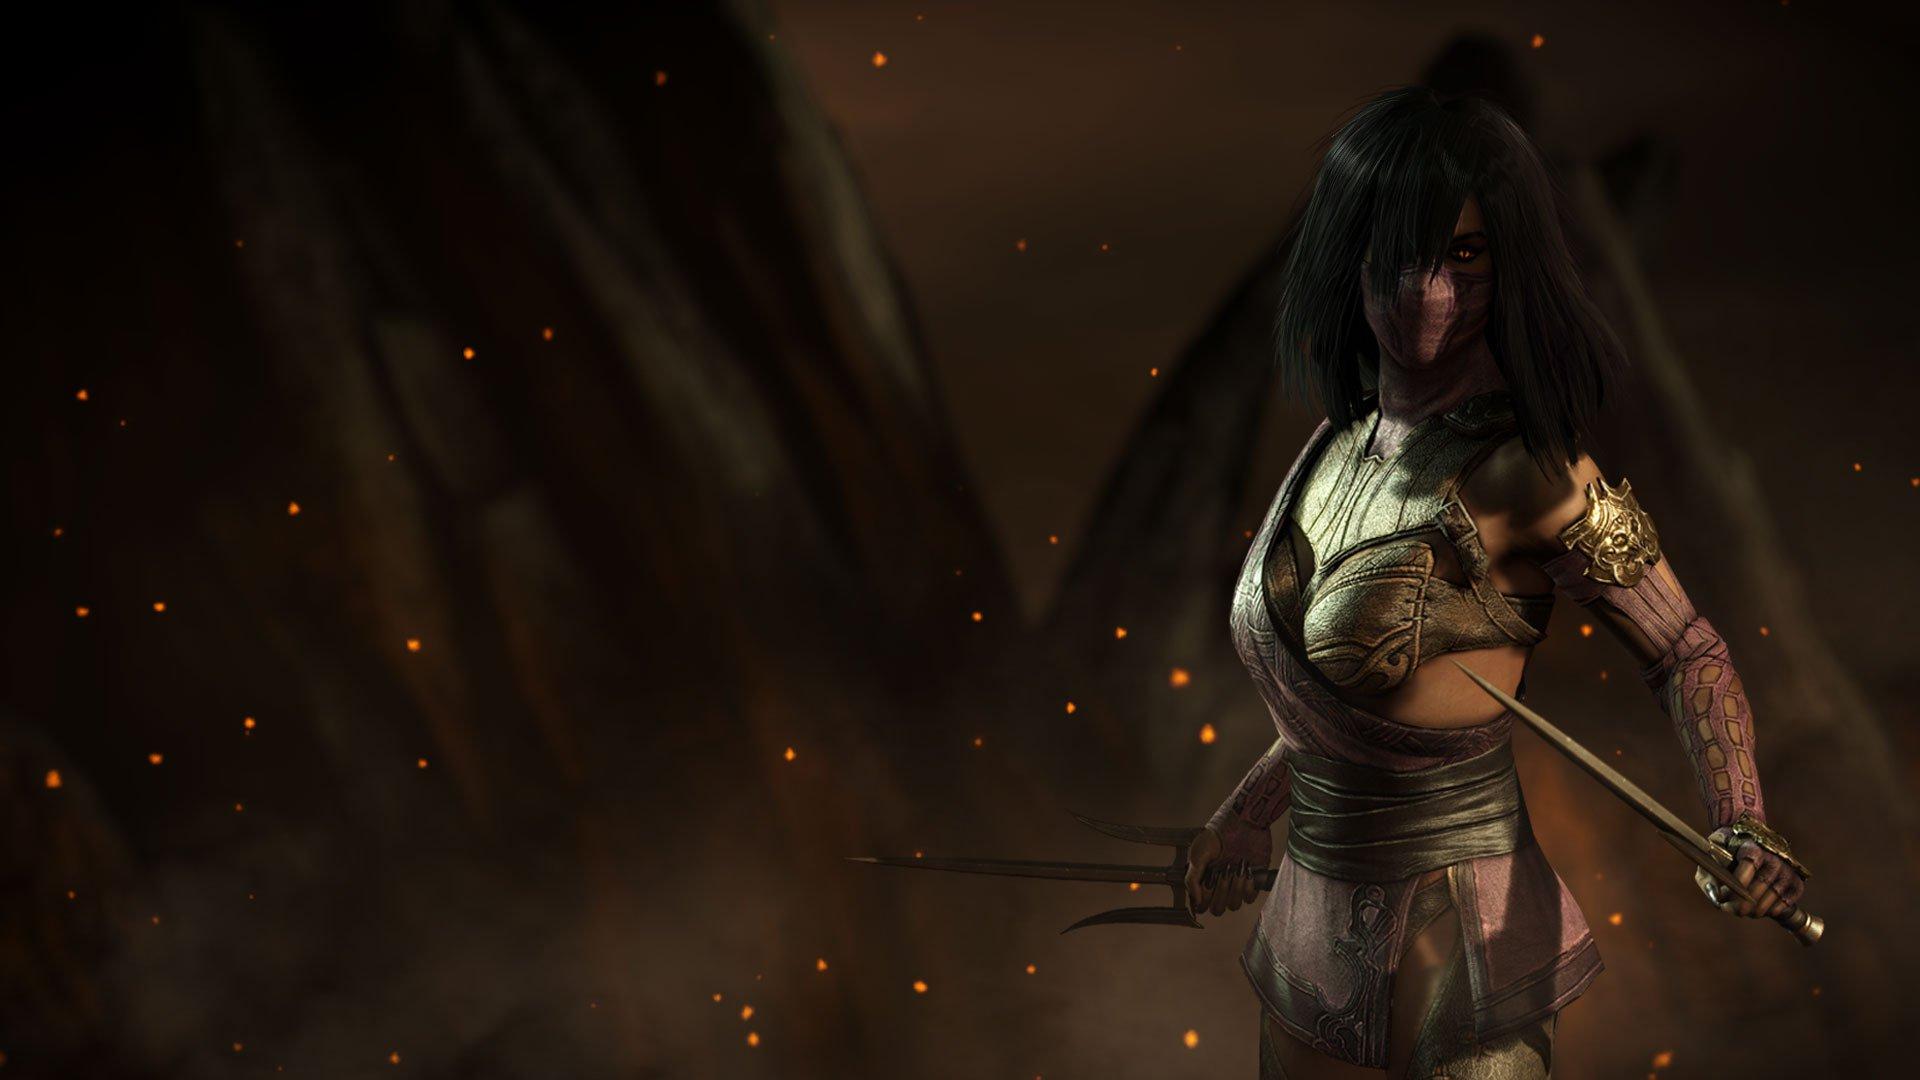 Mortal Kombat X Mileena Wallpaper Wallpapersafari